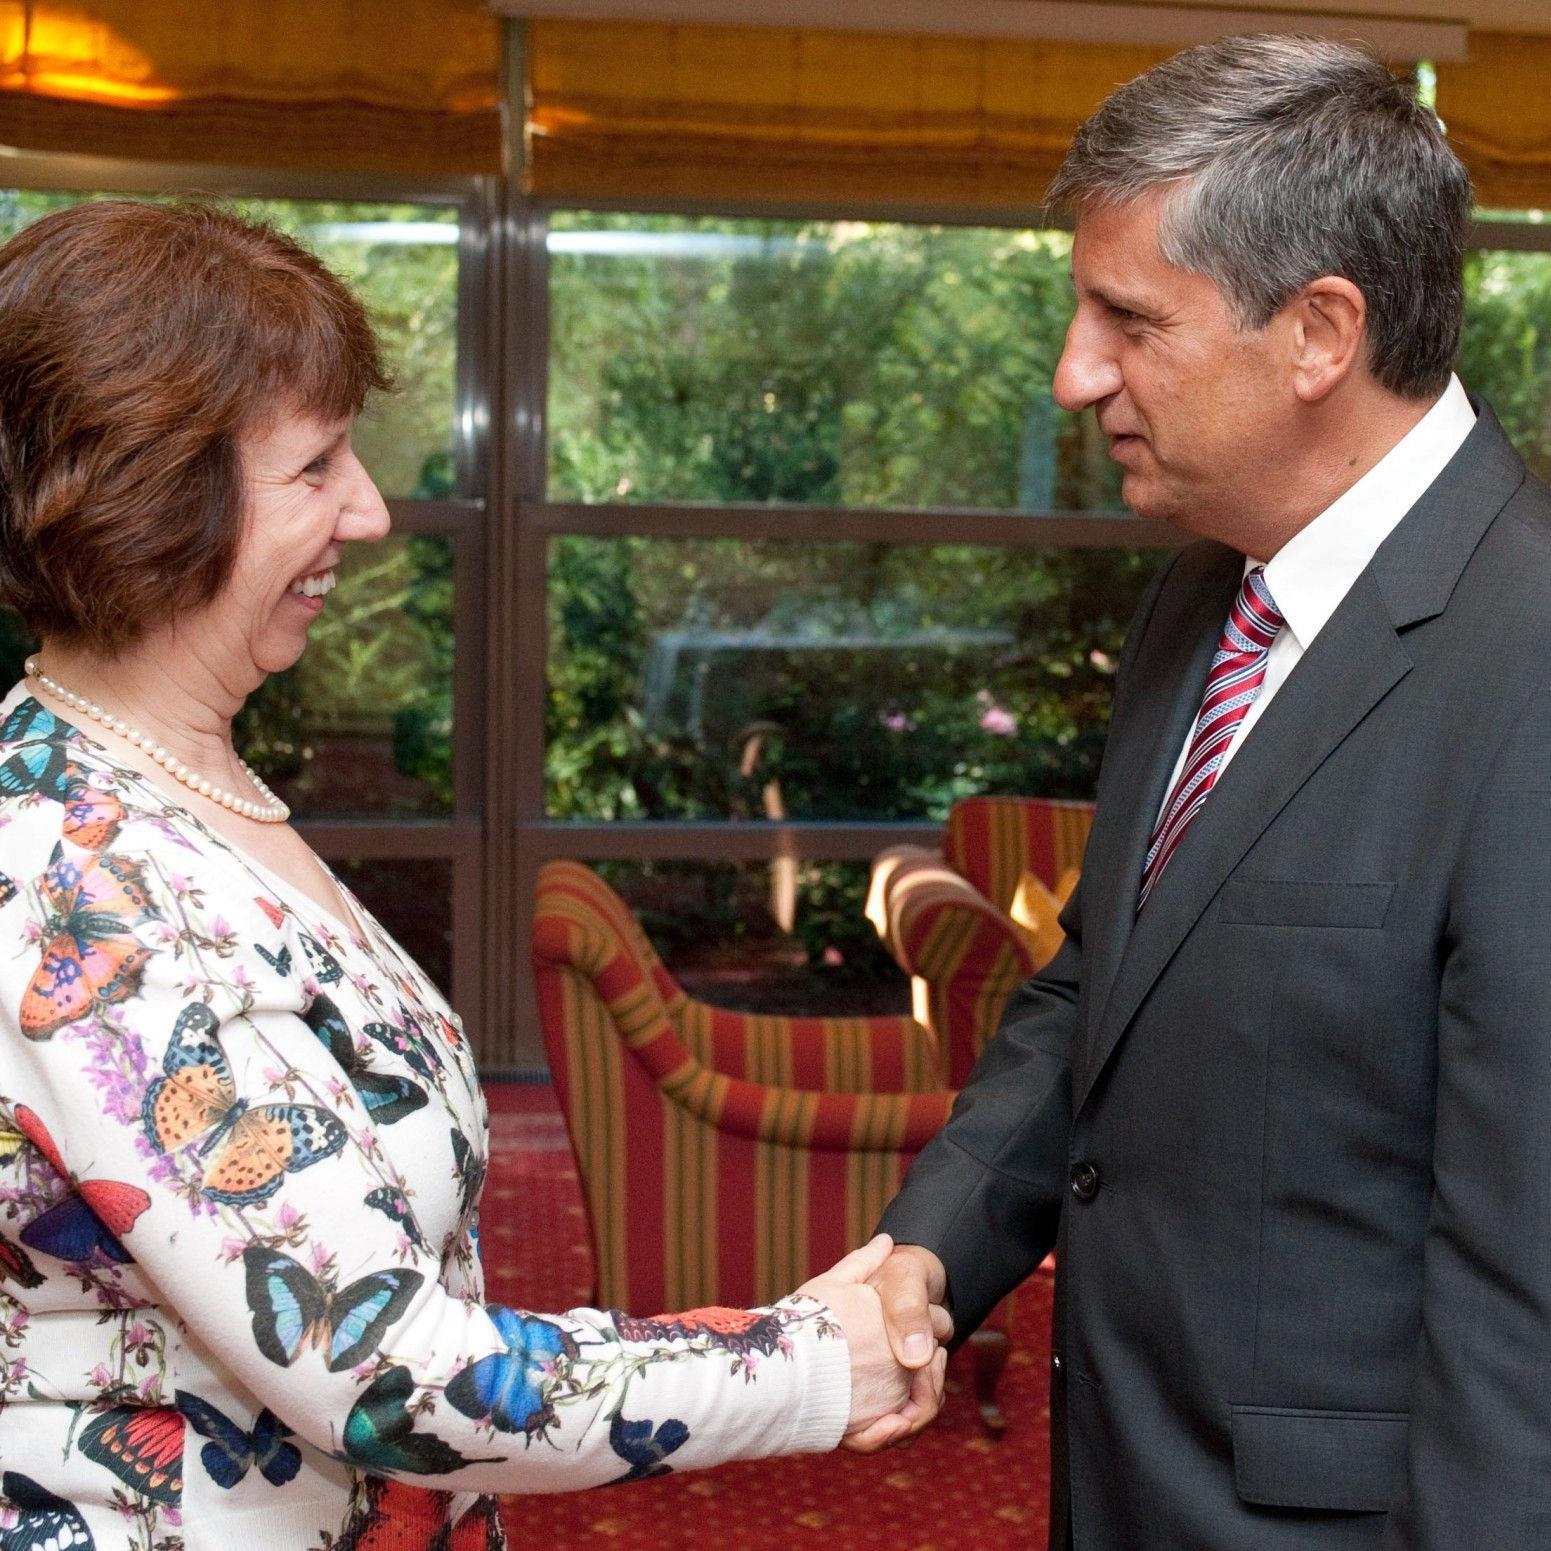 """Außenminister Michael Spindelegger trifft am Freitag im Rahmen des """"Trilog Salzburg 2012"""" mit EU-Außenkommissarin Catherine Asthon zu einem Gespräch zusammen."""